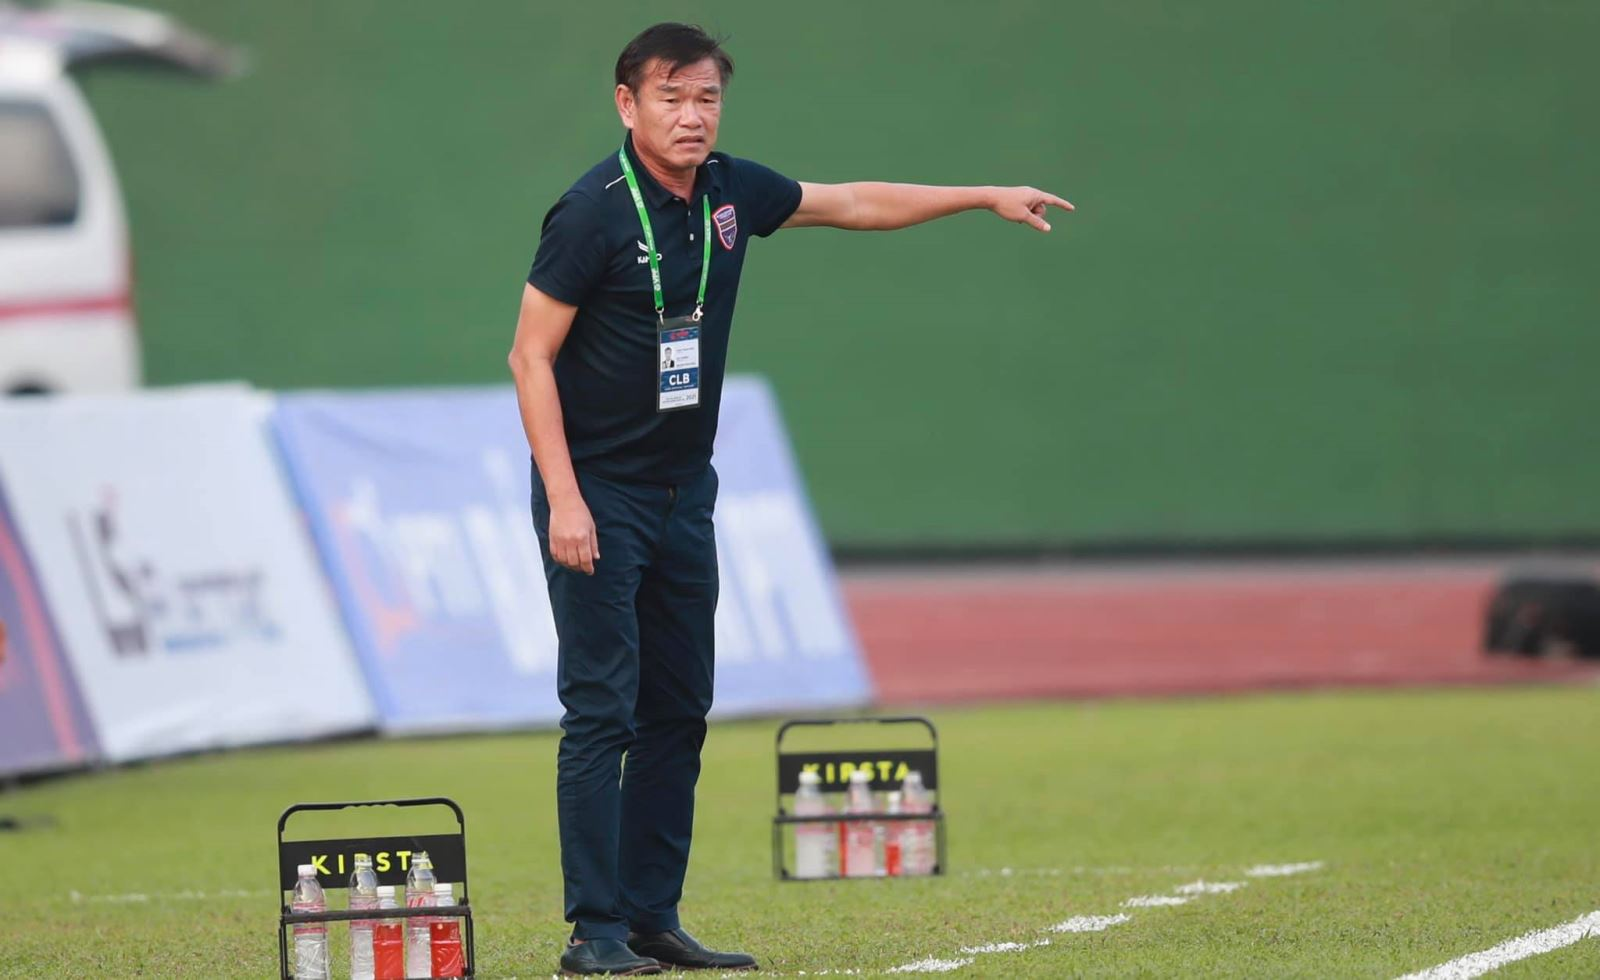 Trực tiếp bóng đá V-League: Bình Dương vs Đà Nẵng. BĐTV, VTV6. Bóng đá Việt Nam